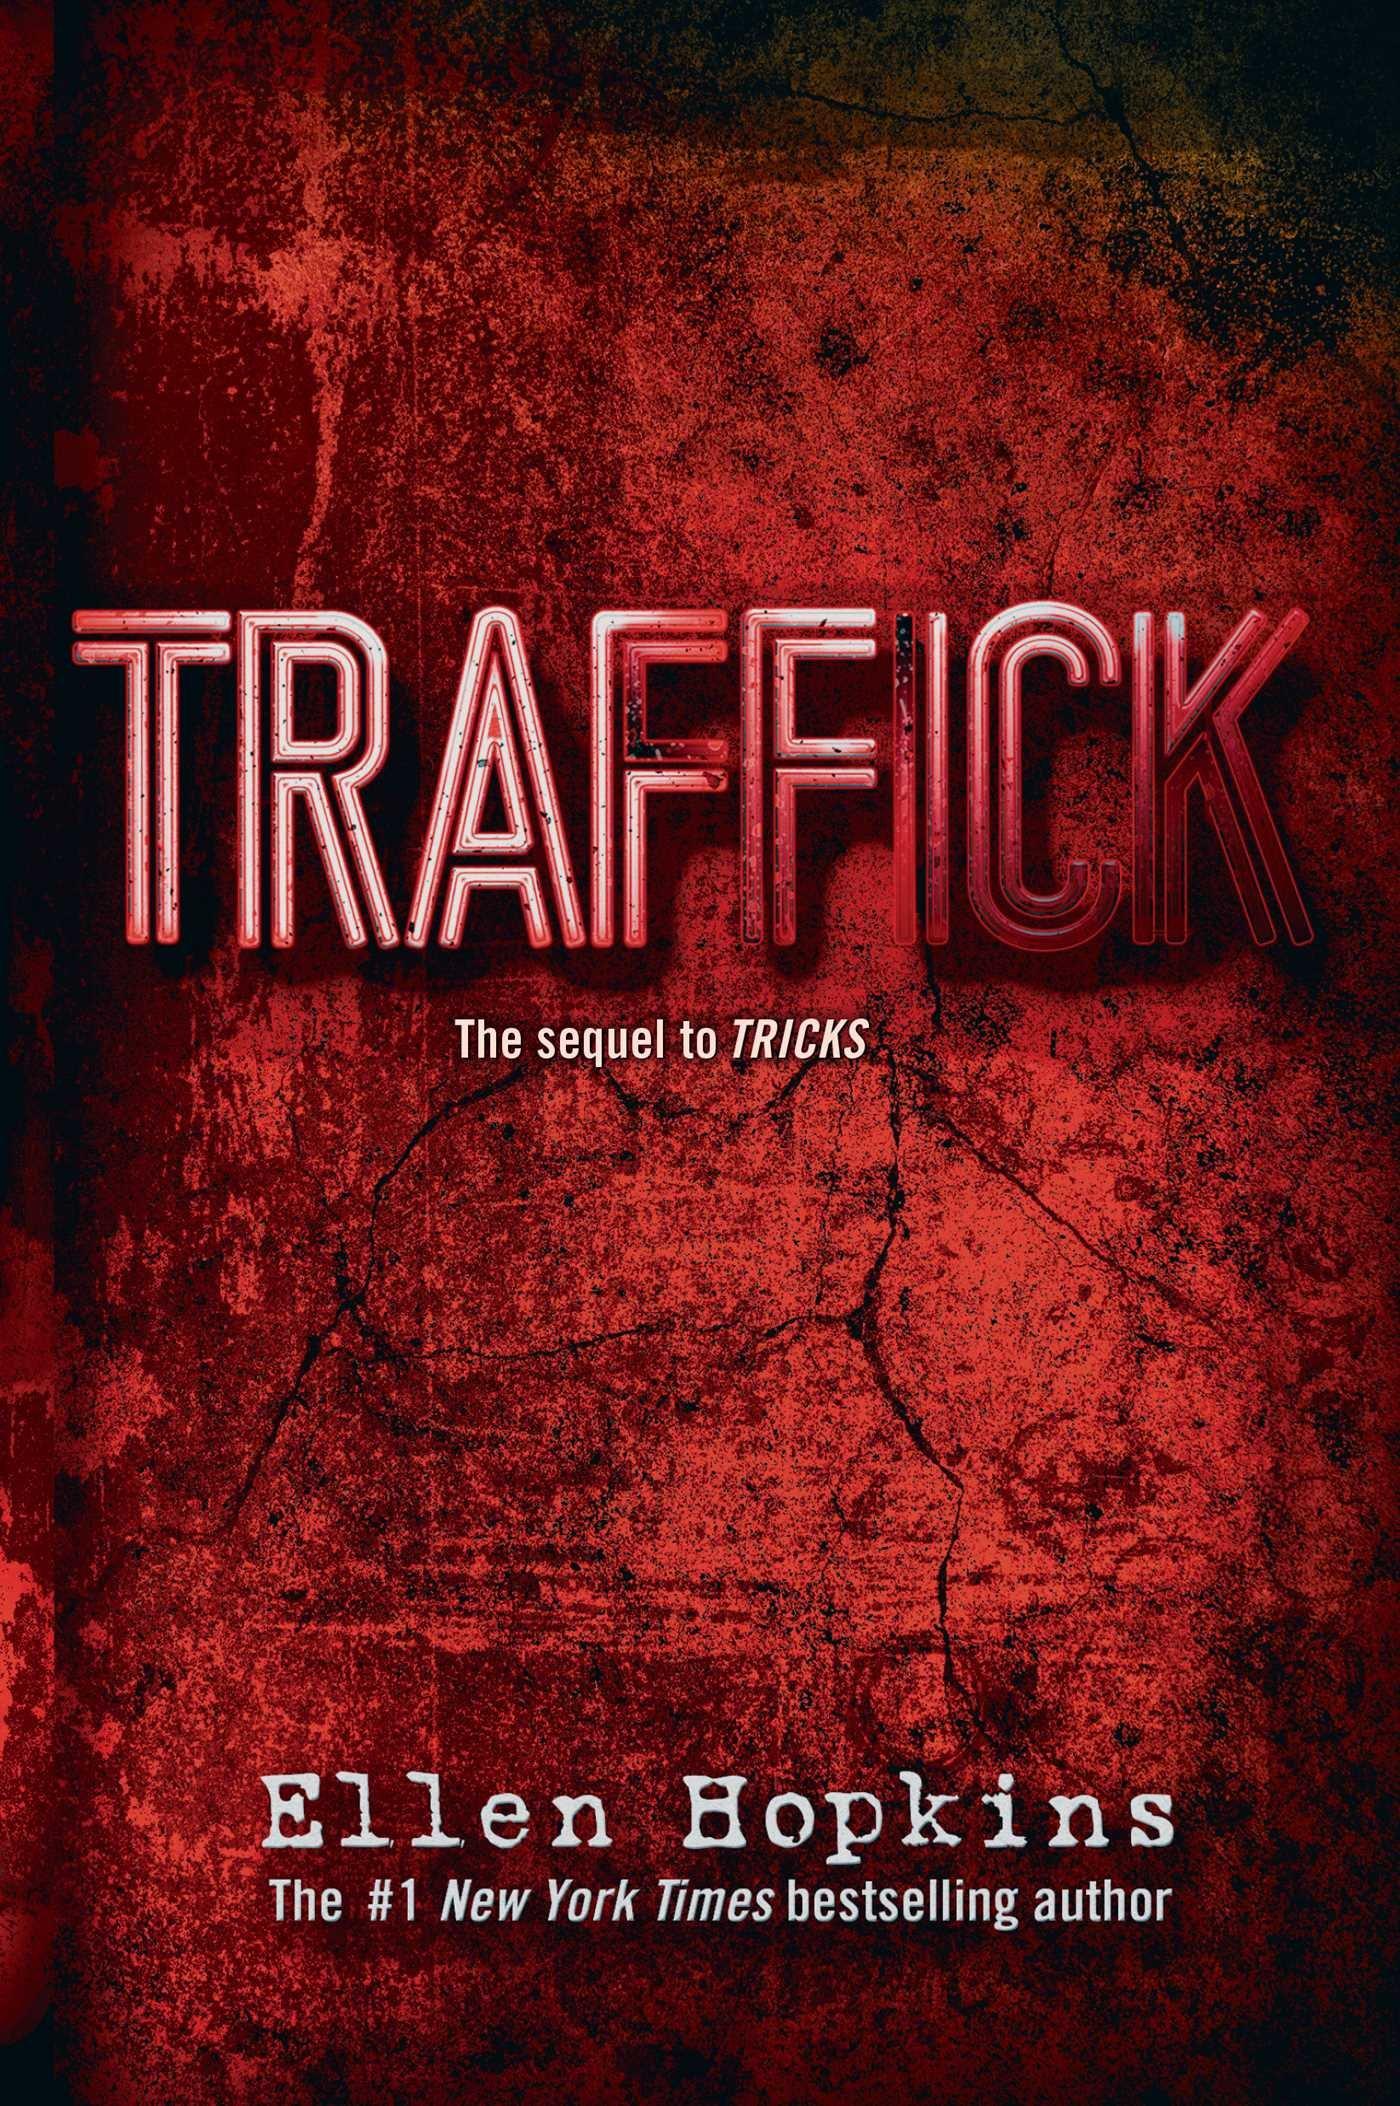 Image result for ellen hopkins traffick book